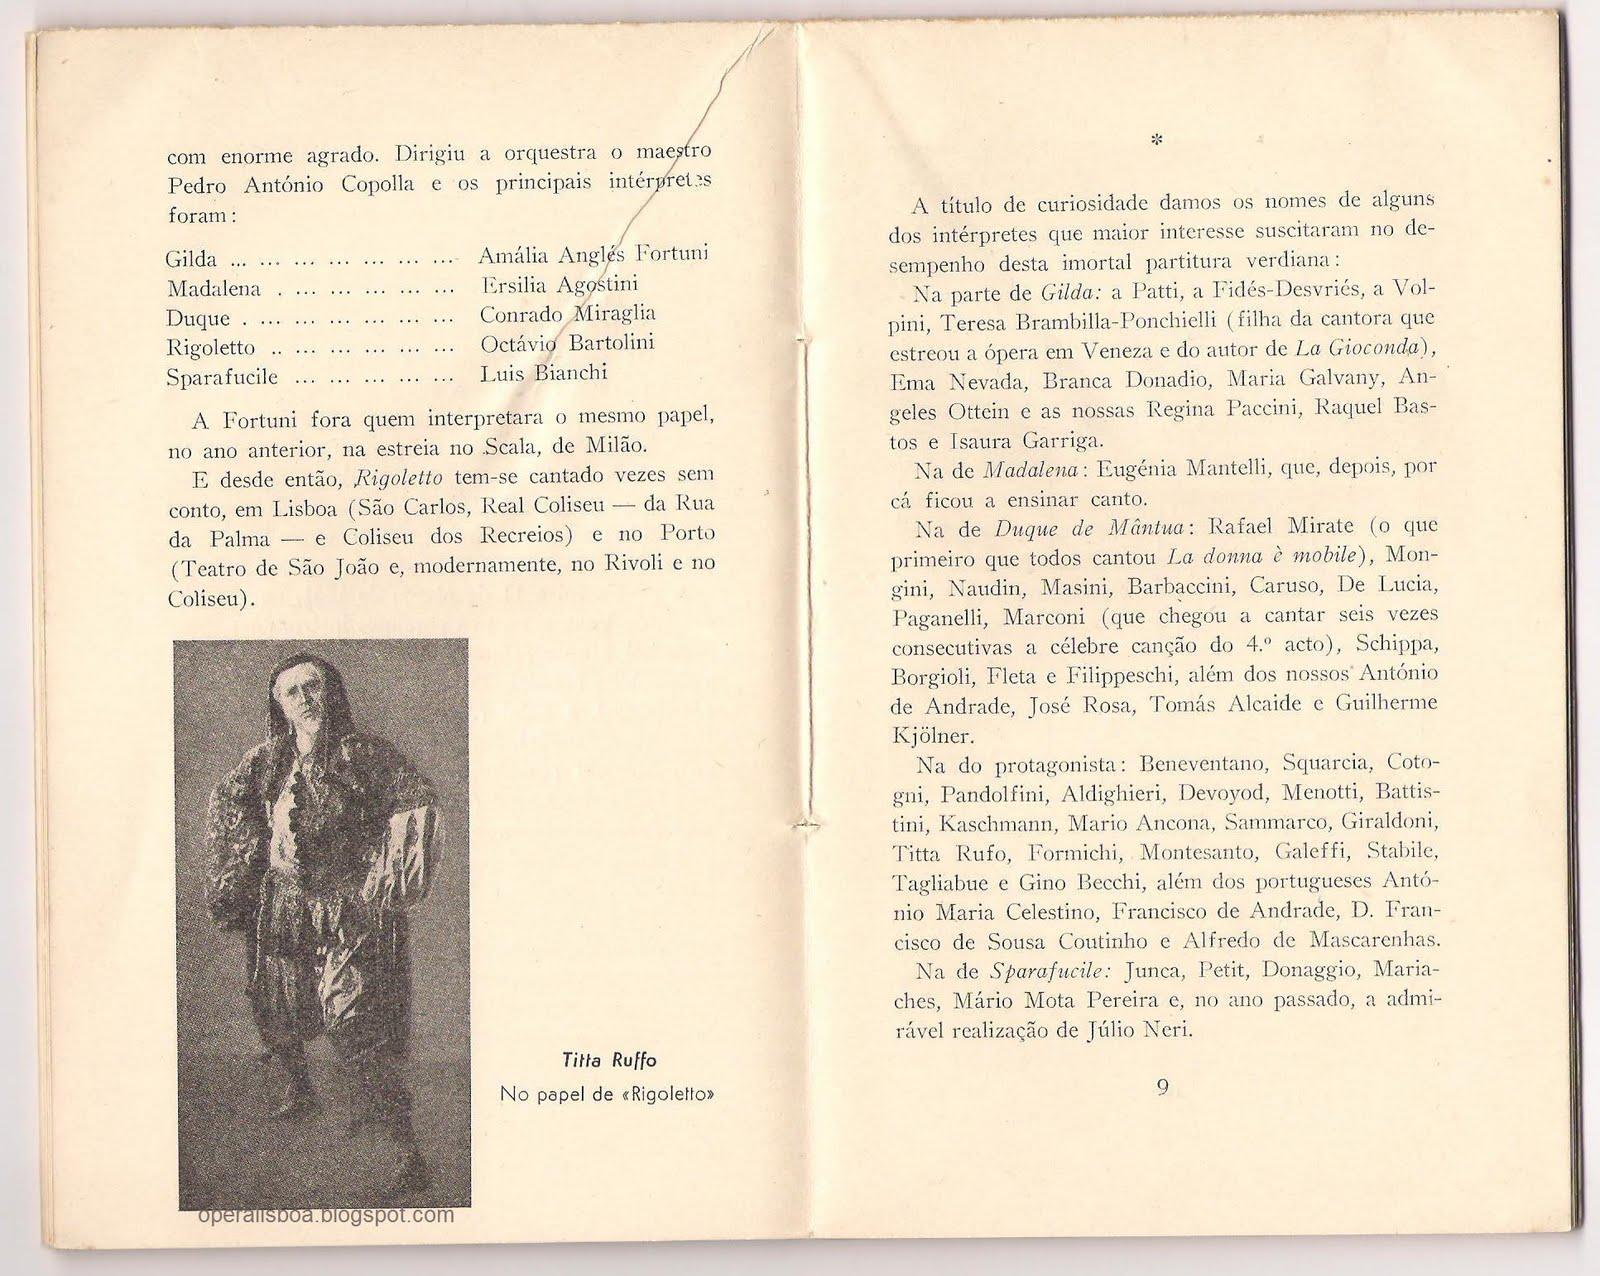 Miguel Fleta - Obra Completa Vol. 3